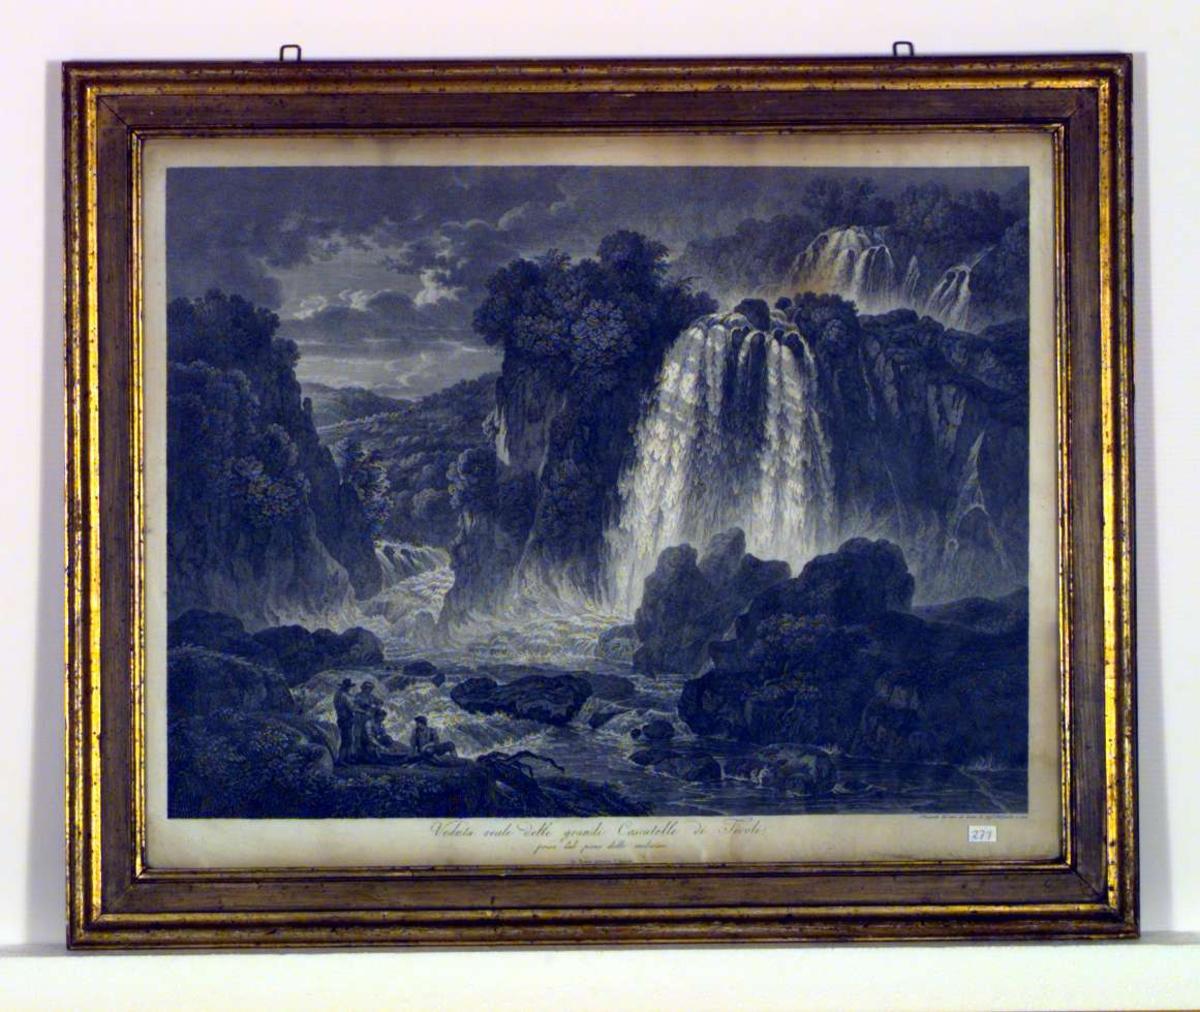 Italiensk landskap med fossefall. Ved elvebredden er tre menn og en kvinne samlet rundt en kurv med fisk. En mann har en fiskestang over skulderen.